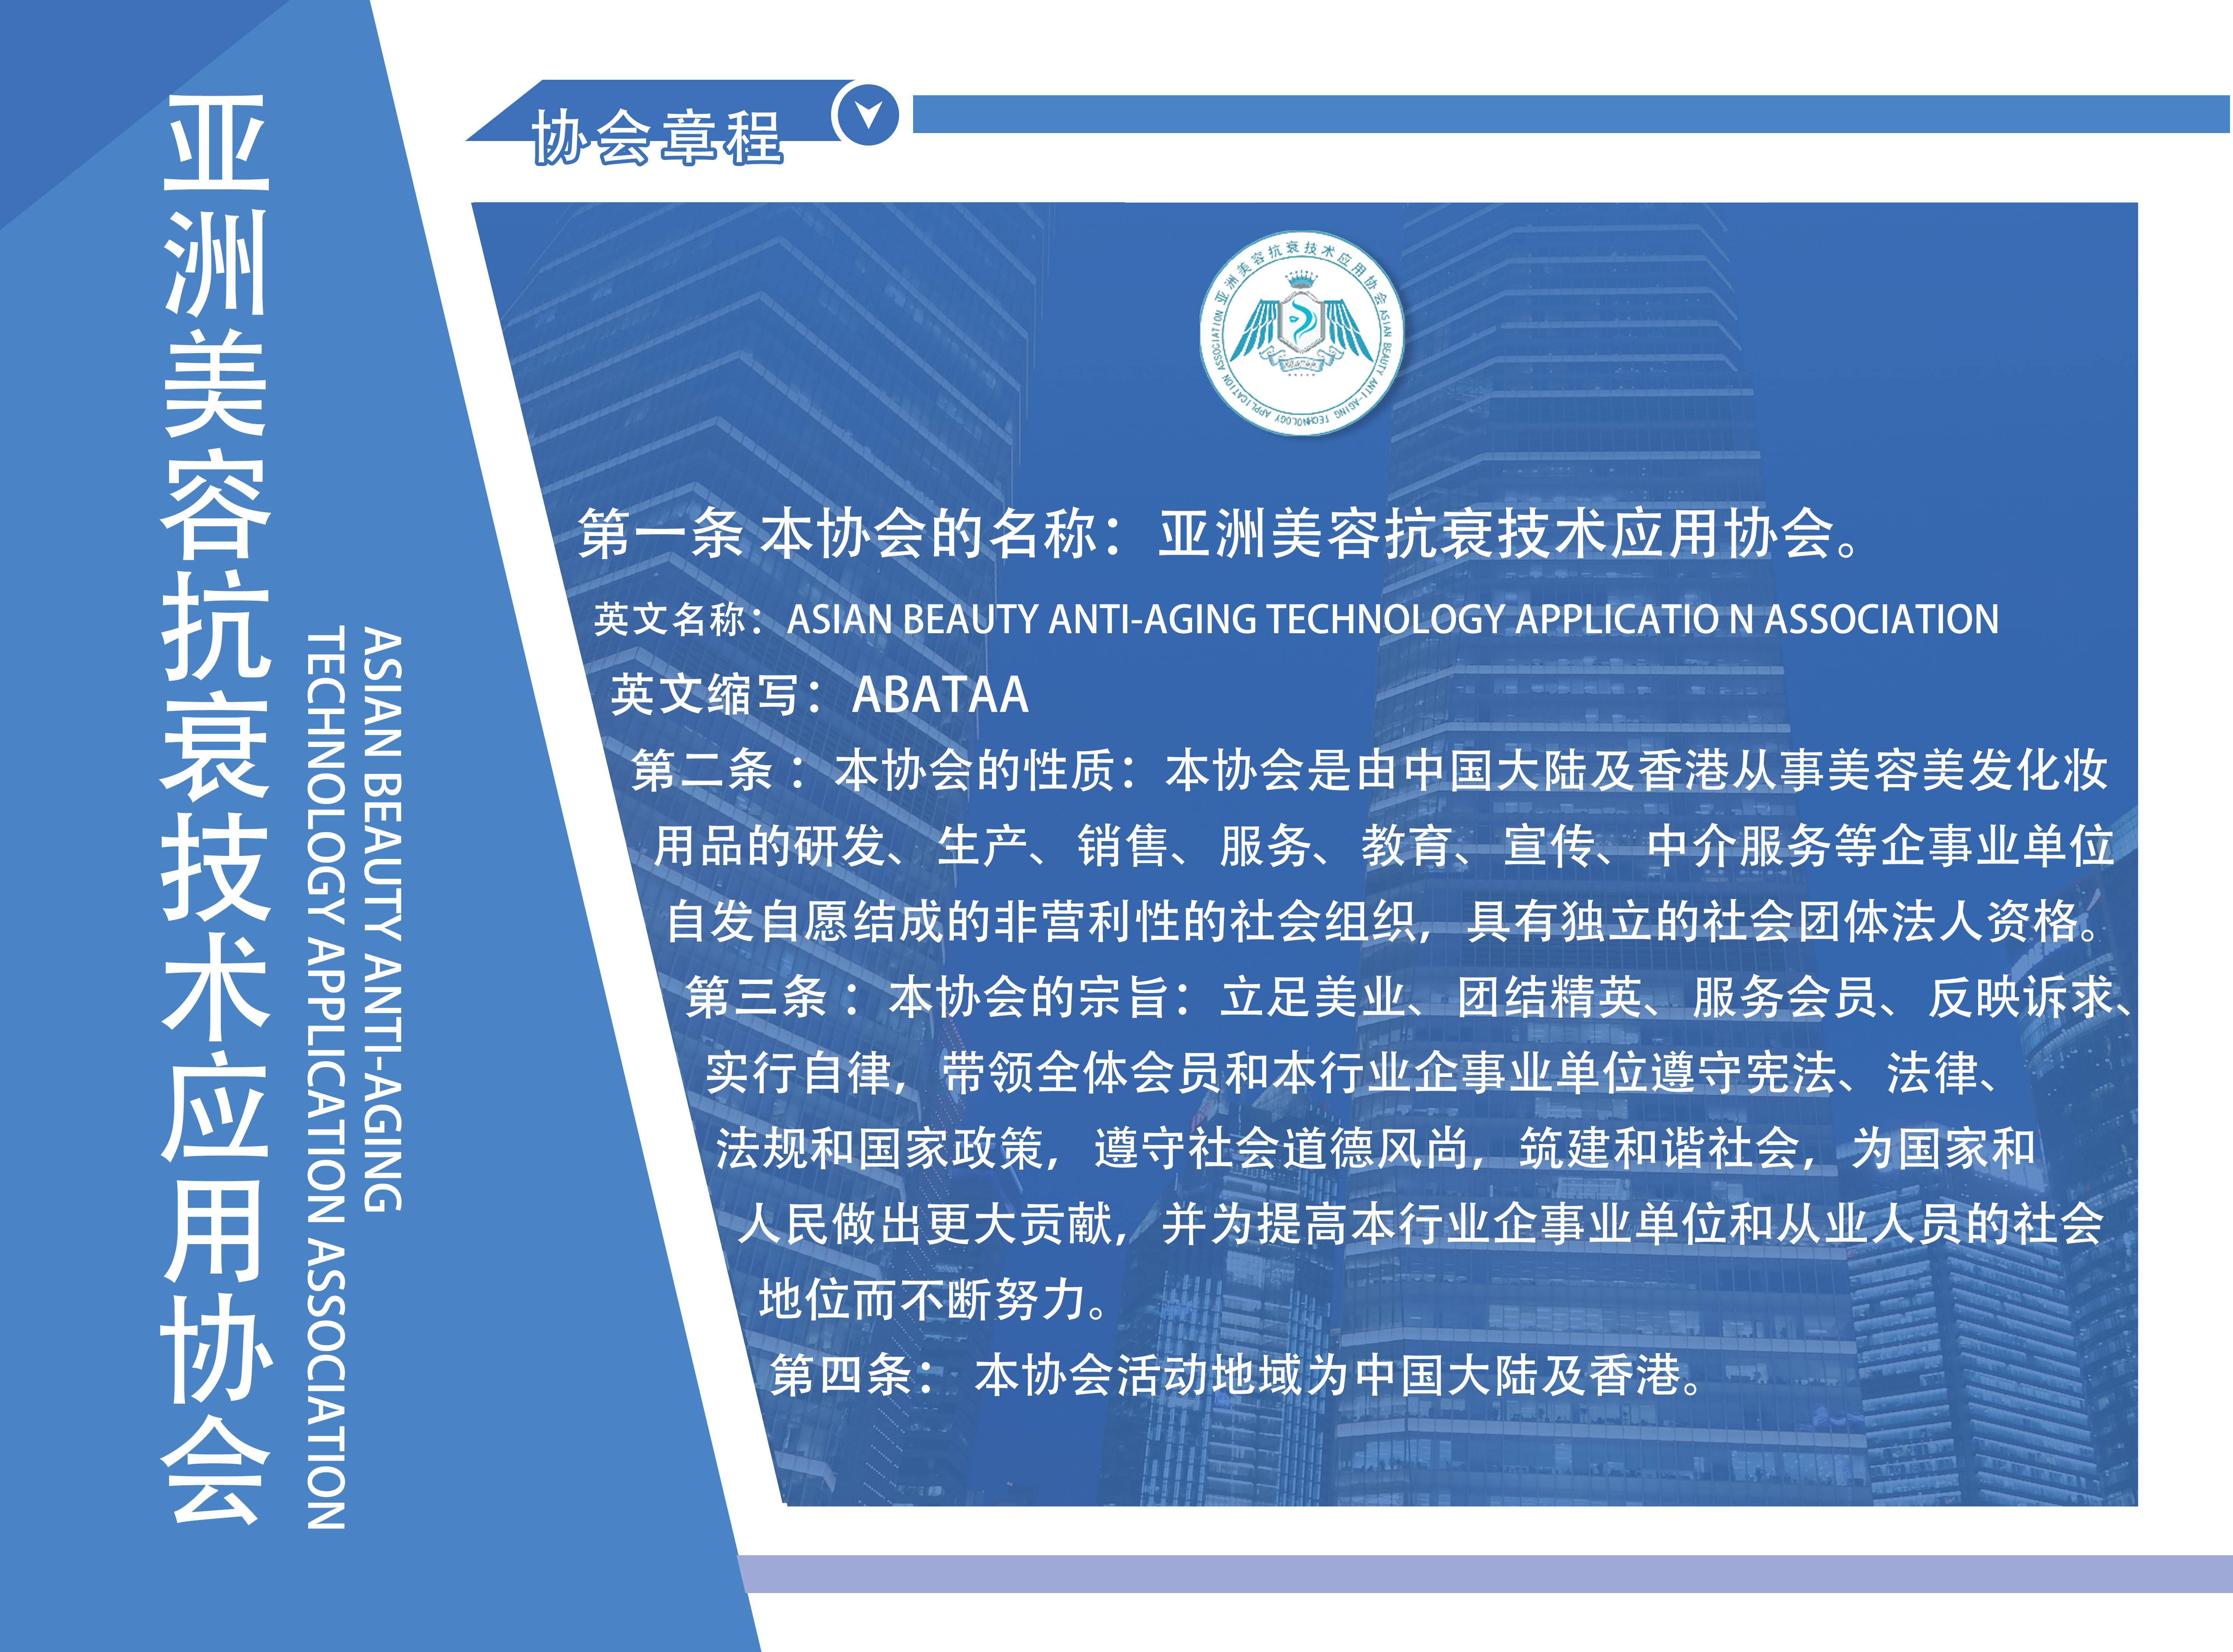 亚洲美容抗衰技术应用协会章程